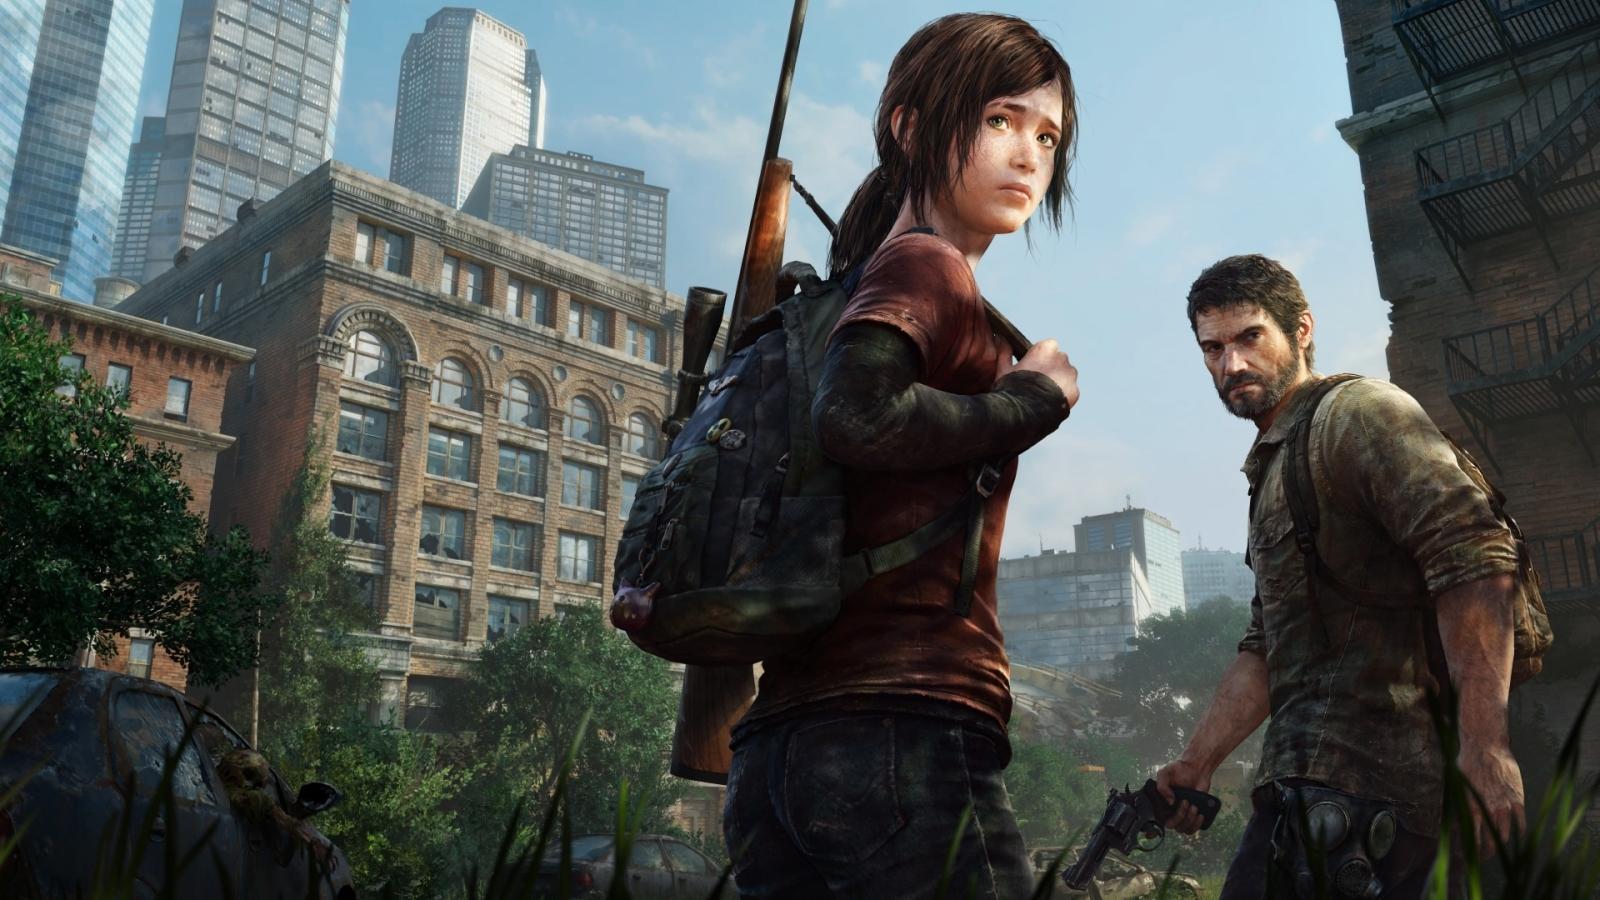 Создатели сериала по мотивам The Last of Us определились с актёрами на роли Джоэла и Элли